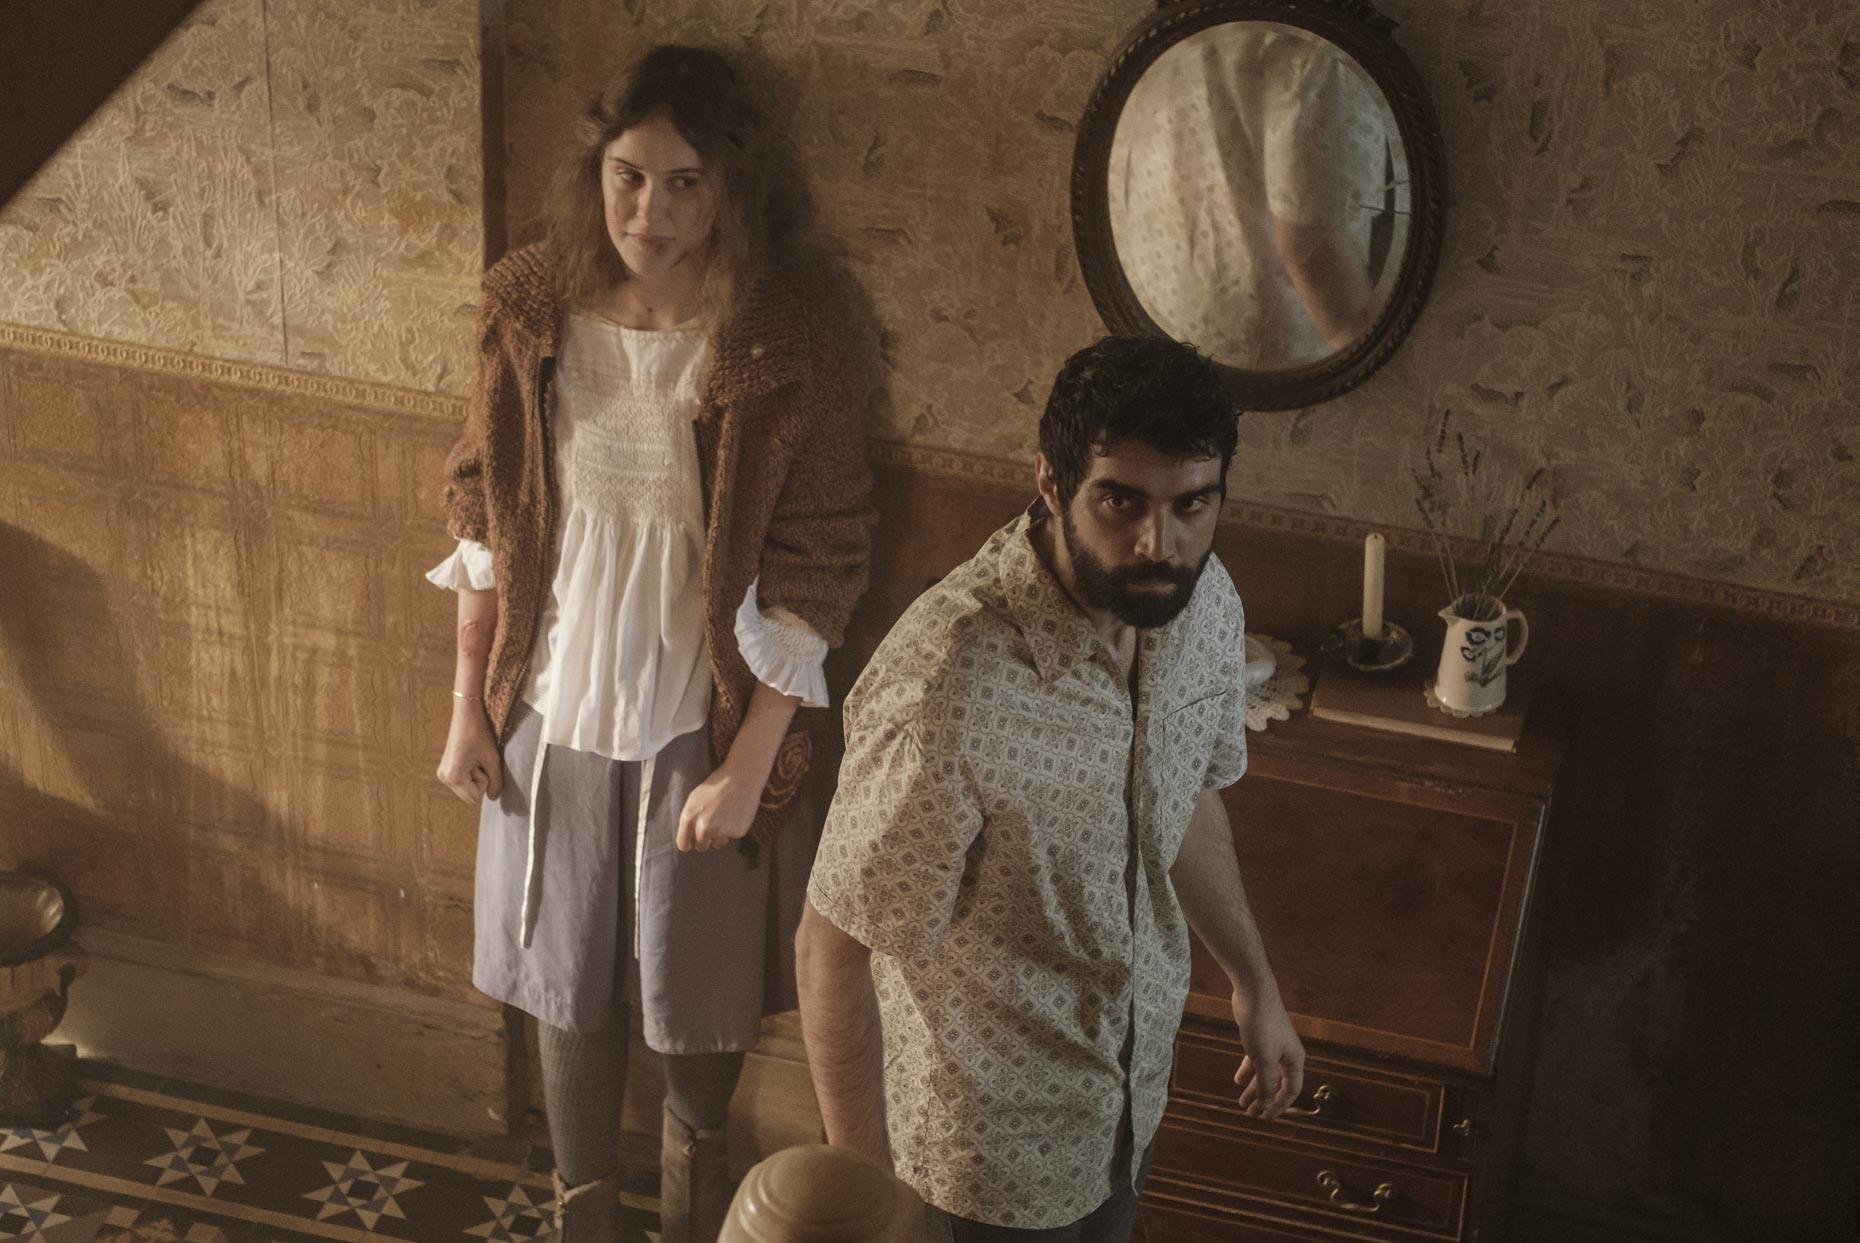 ¿Amuleto es una historia real? ¿Está la película de terror basada en la vida real? 2